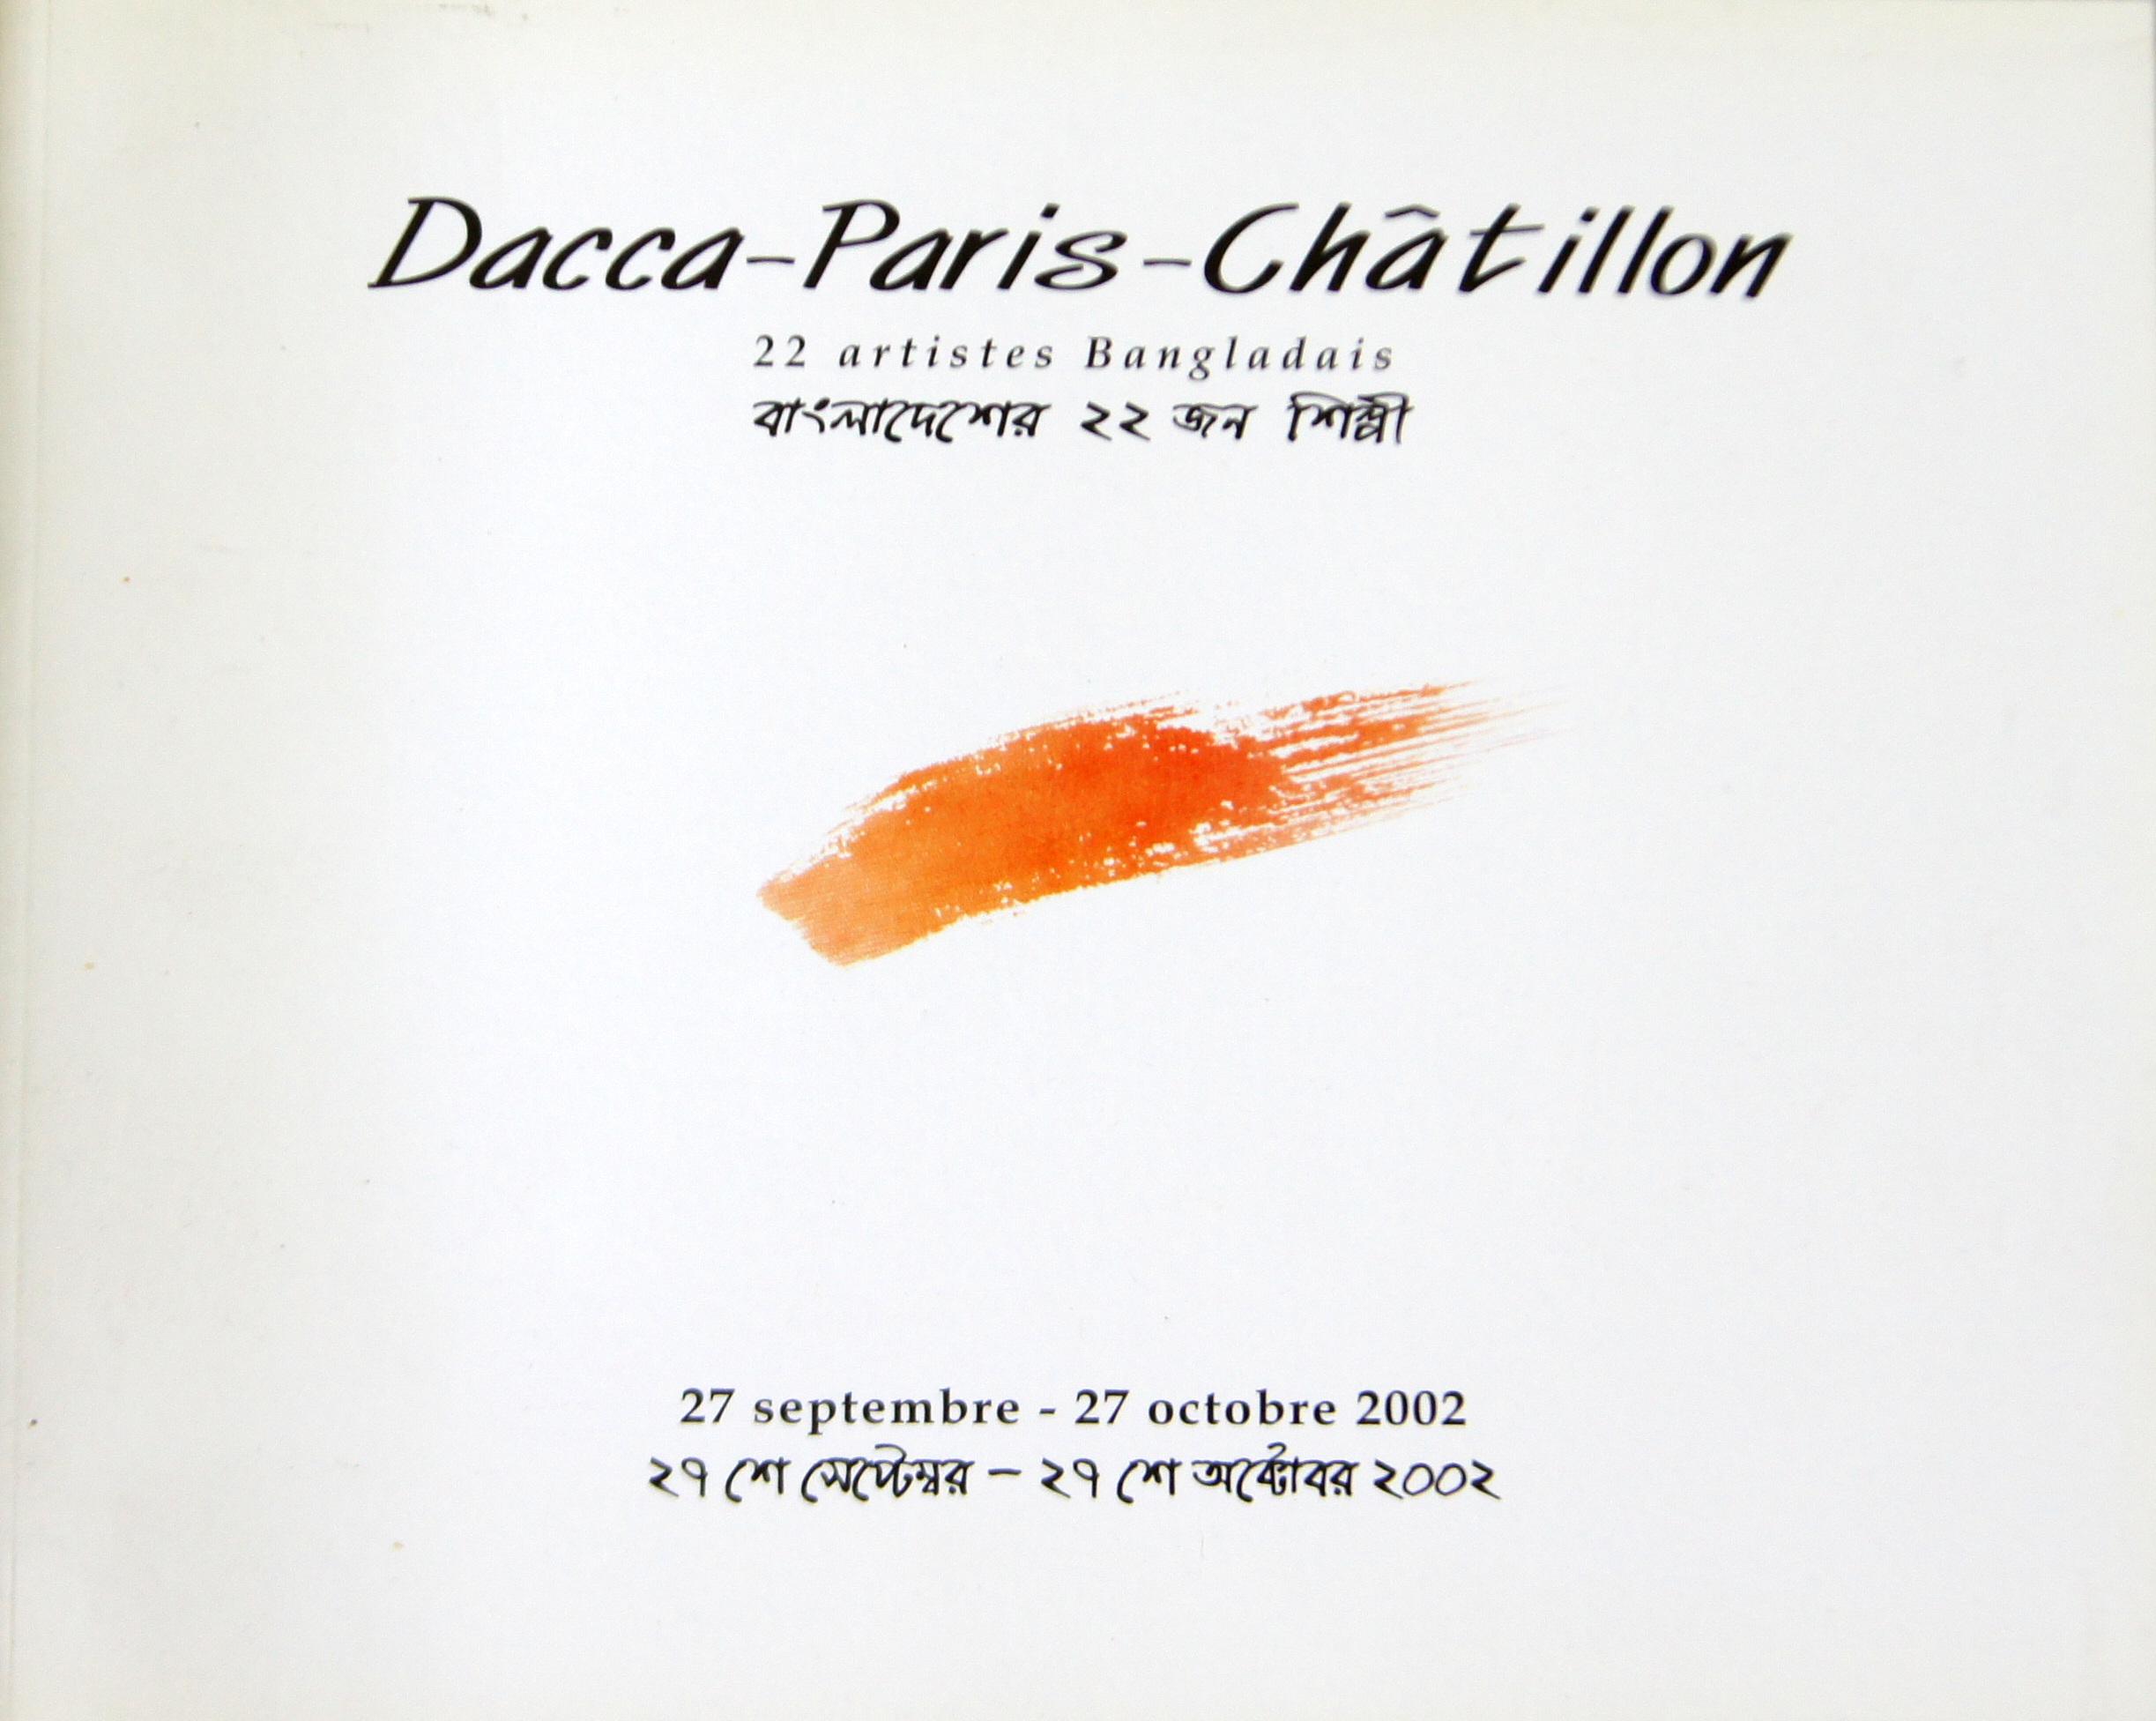 Dacca-Paris-Châtillon